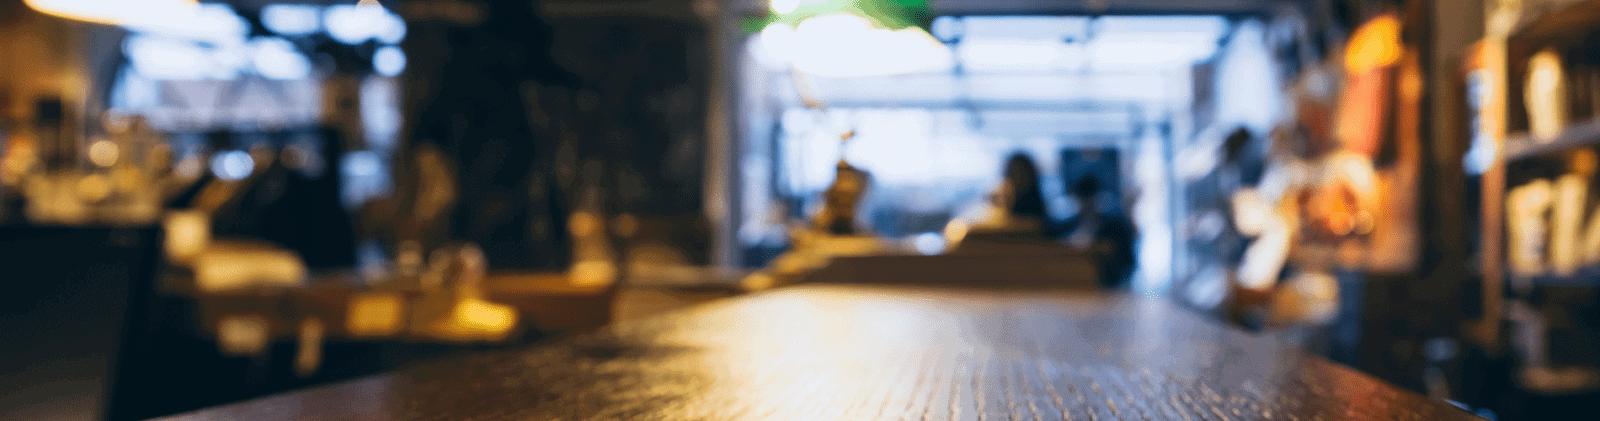 Pub Cleaning Checklist